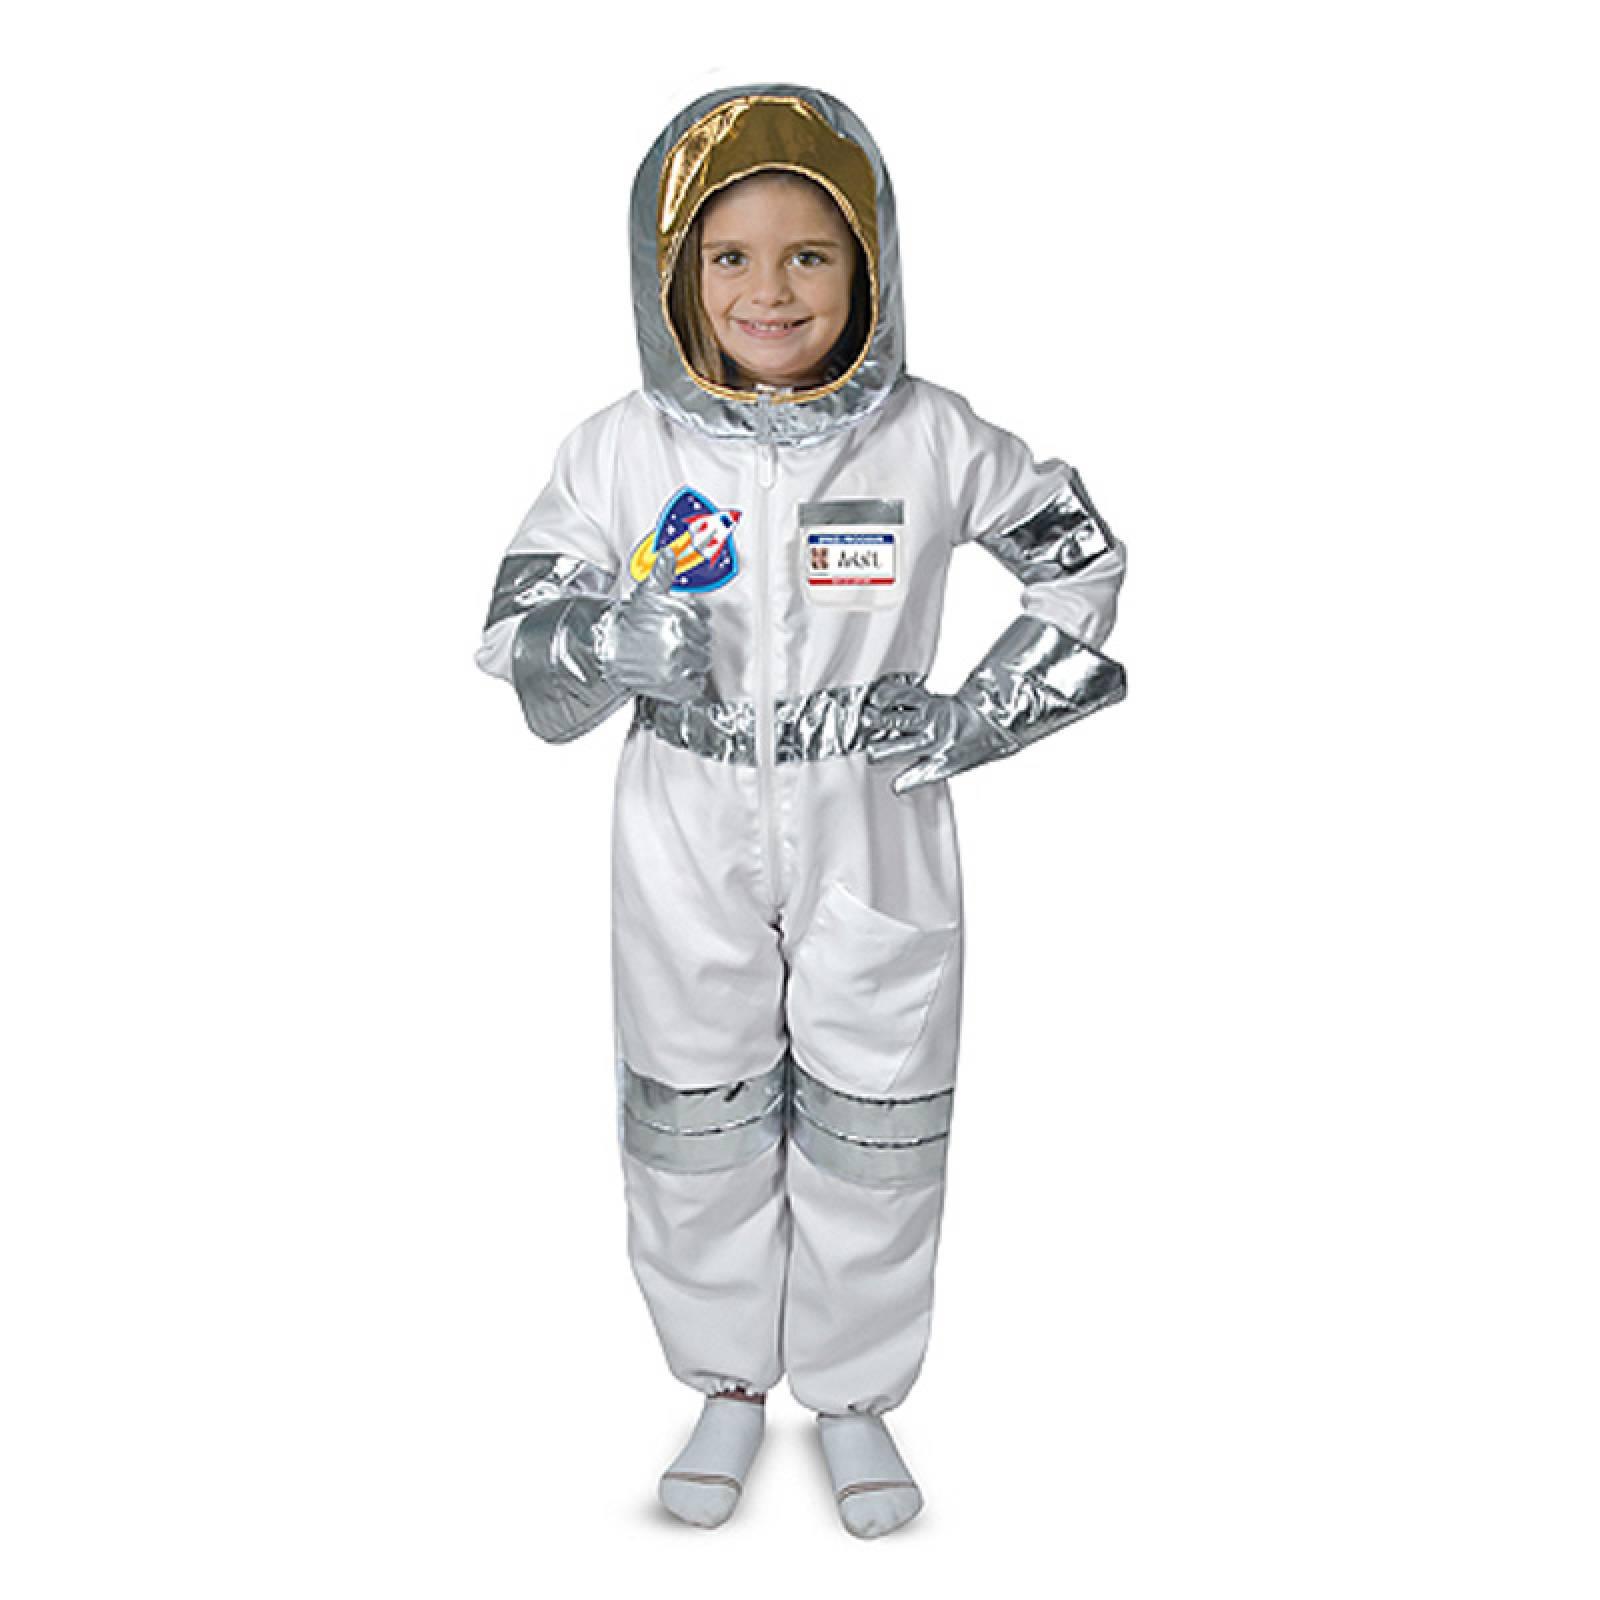 Fancy Dress Role Play Costume Set - Astronaut thumbnails